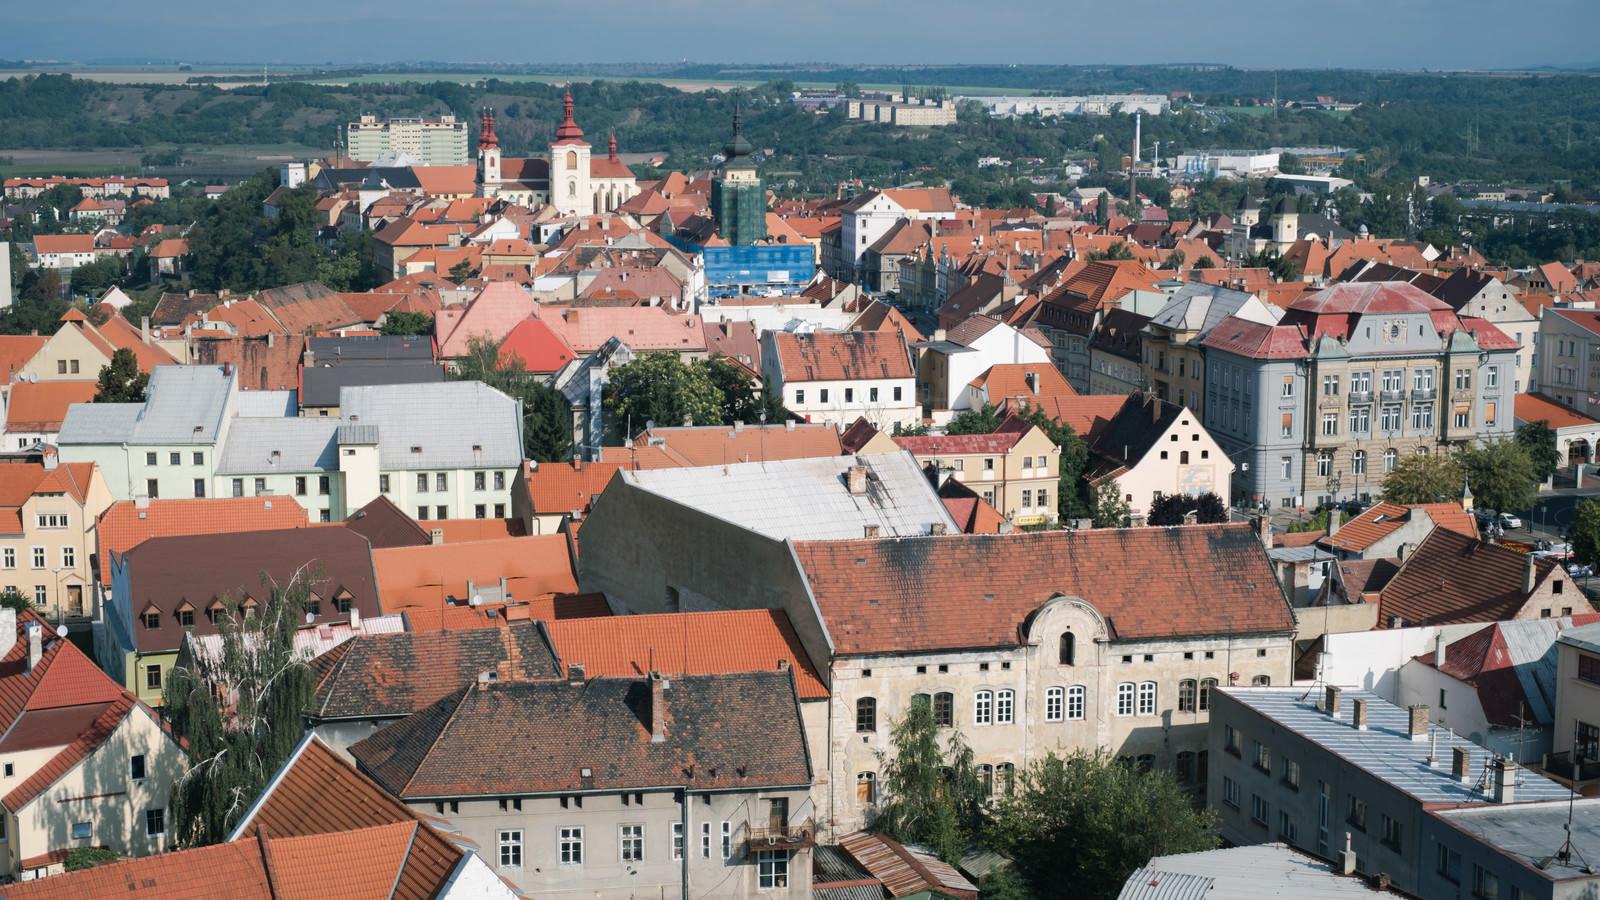 「ジャテツ市街の赤茶色の屋根(チェコ共和国)」の写真